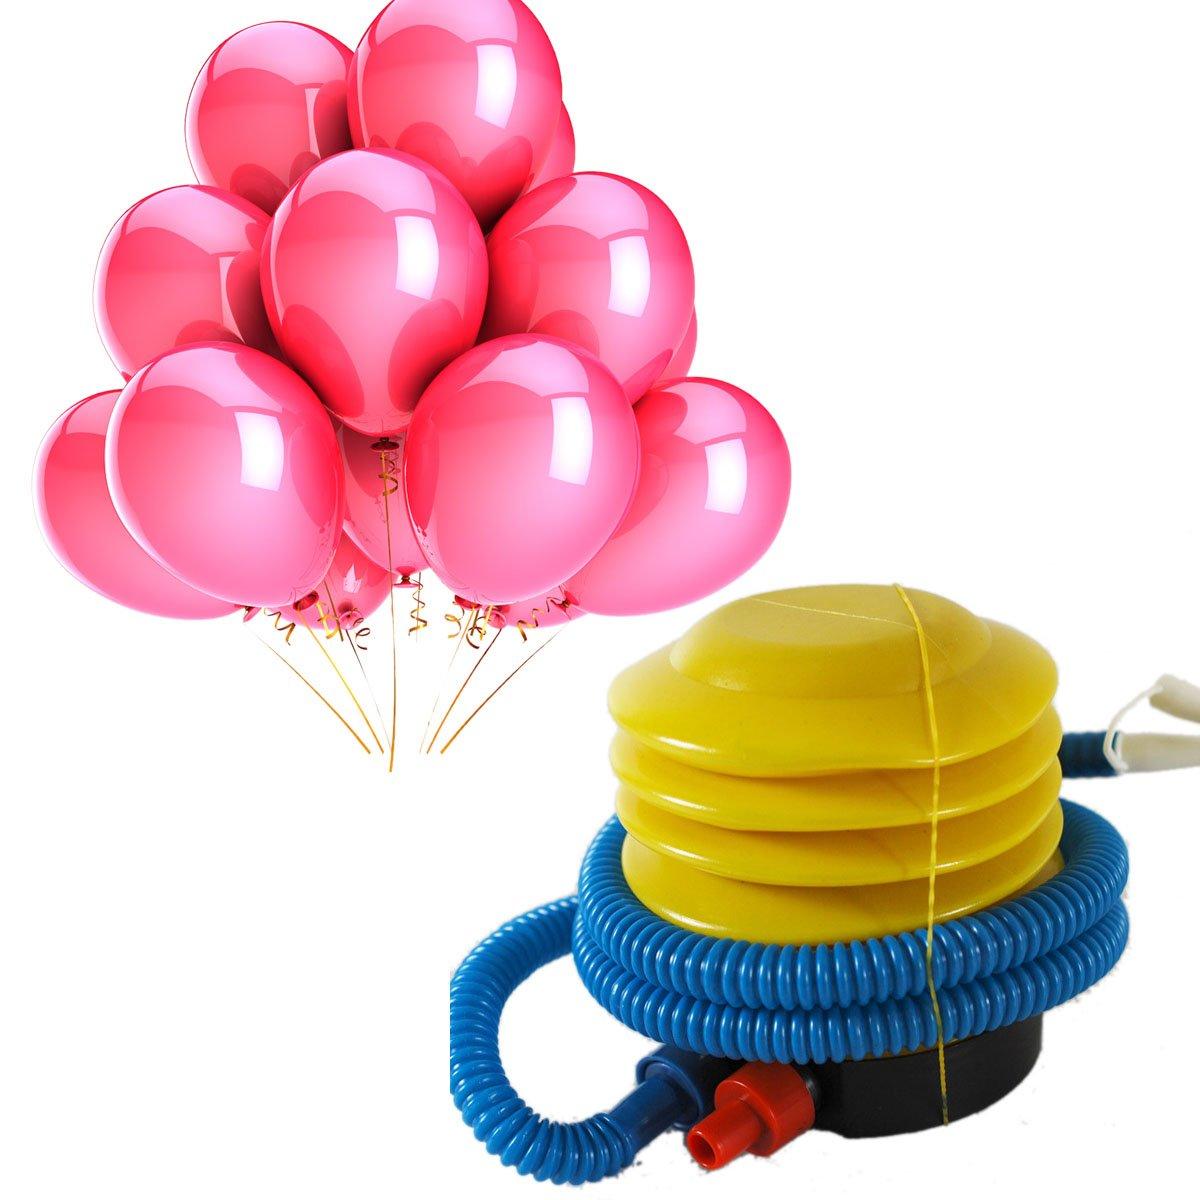 gydoxy (TM) doble globo de boda decoración Boda Fiesta arco pie pies Bomba de aire soplador de Up Blow Cilindro compresor de gas qb033-sz: Amazon.es: Hogar